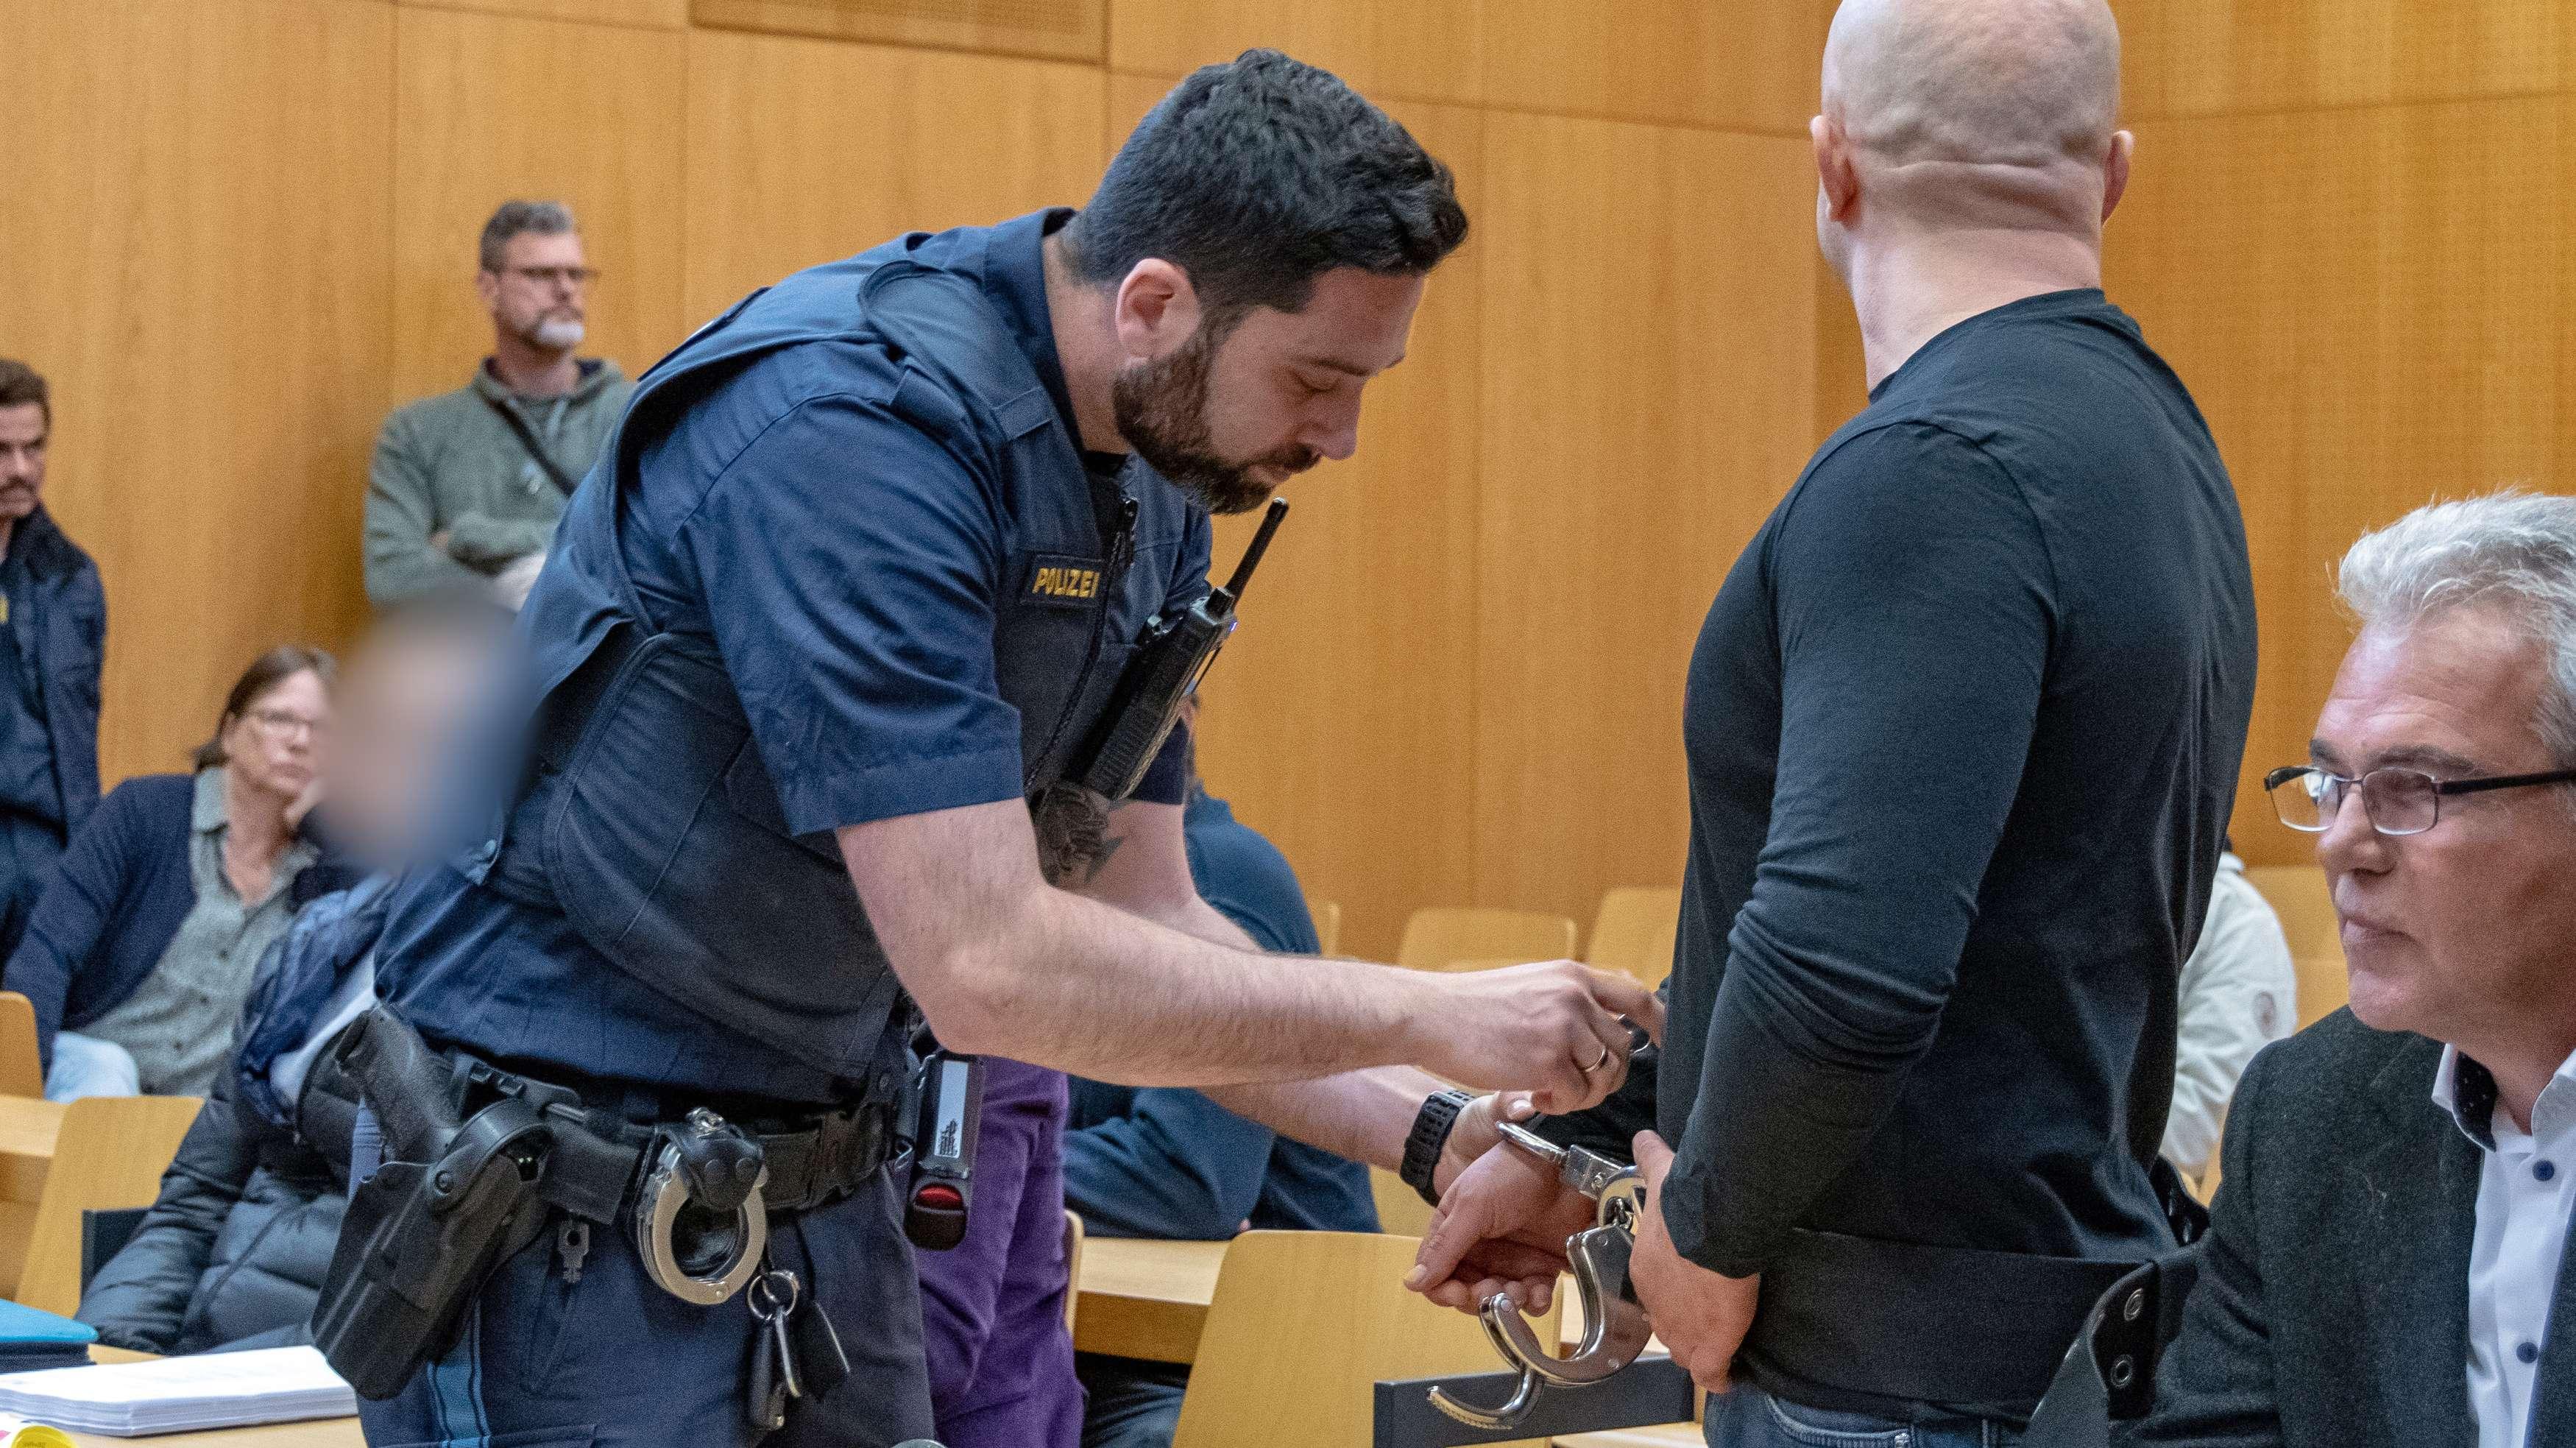 Einem Angeklagten der Schmugglerbande werden im Verhandlungssaal des Landgerichts Landshut die Handschellen abgenommen.